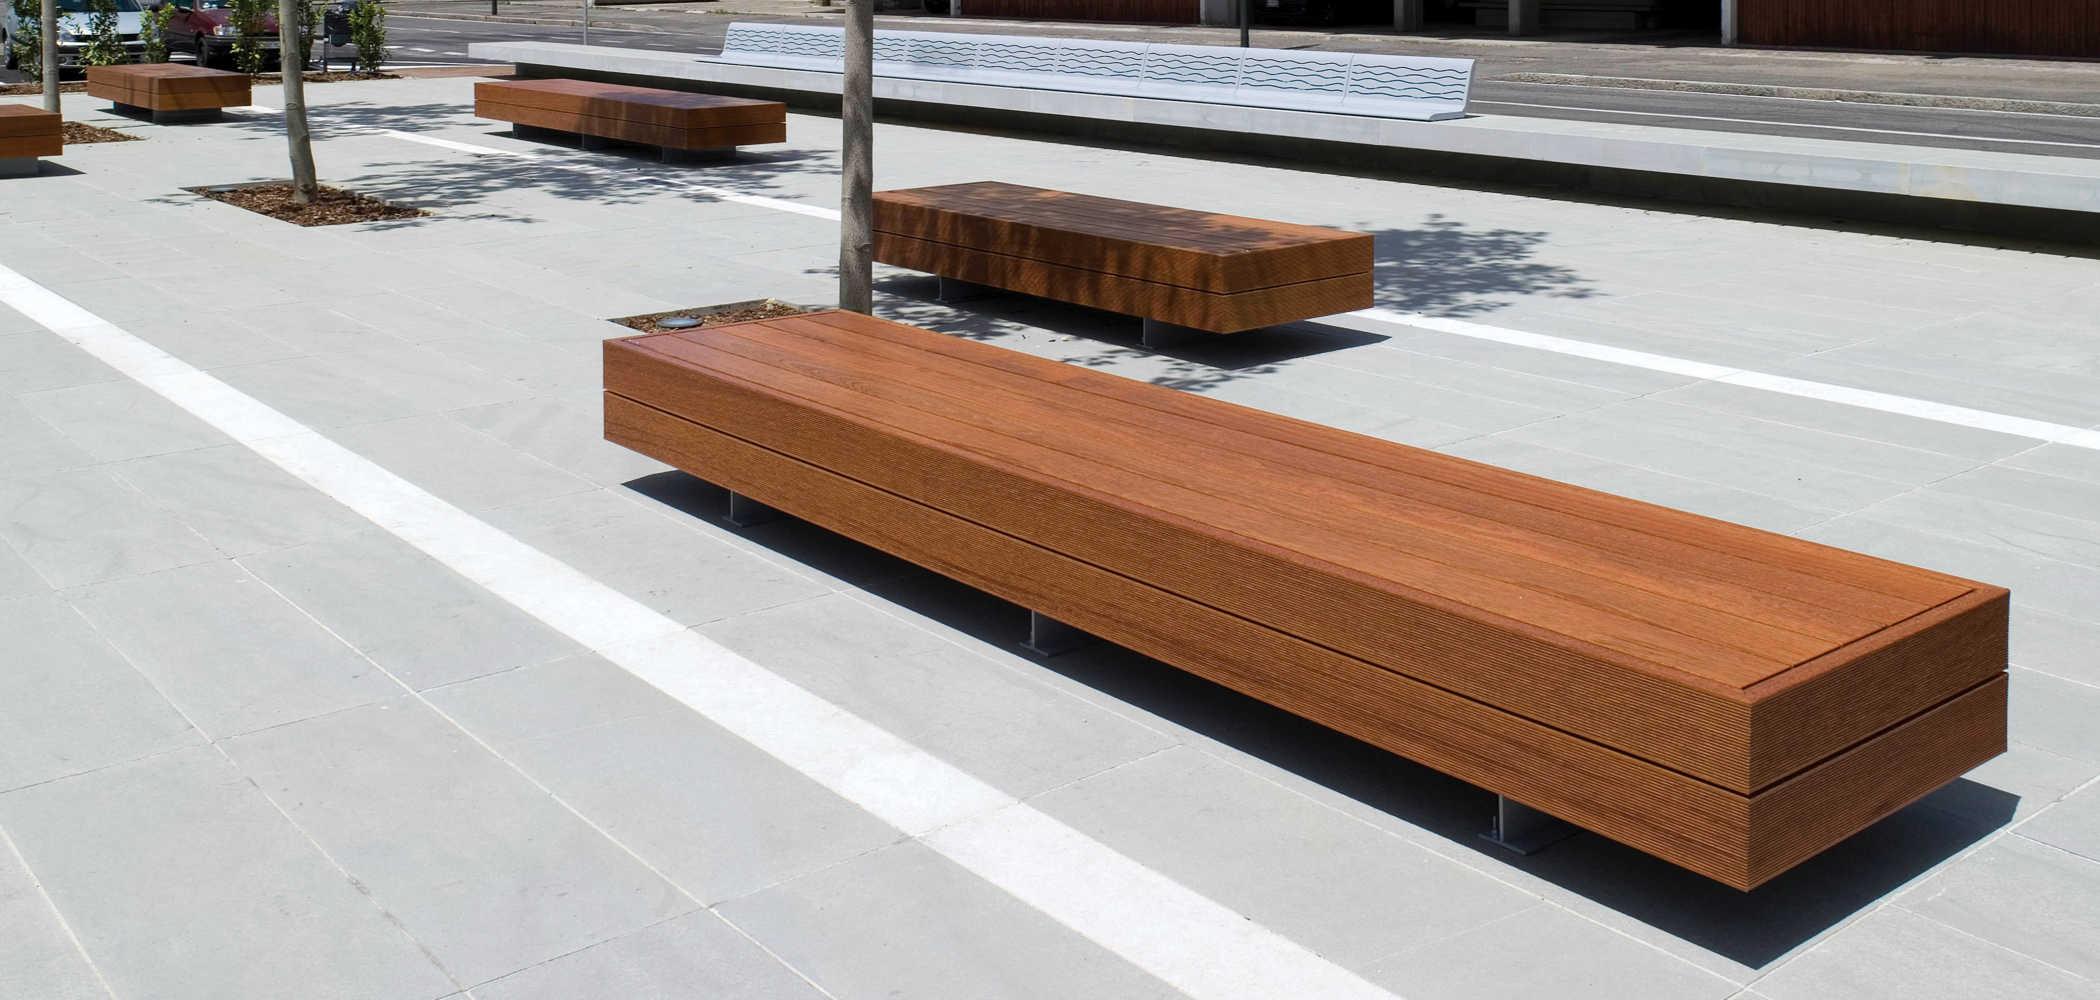 Panchina piana con seduta in legno massiccio